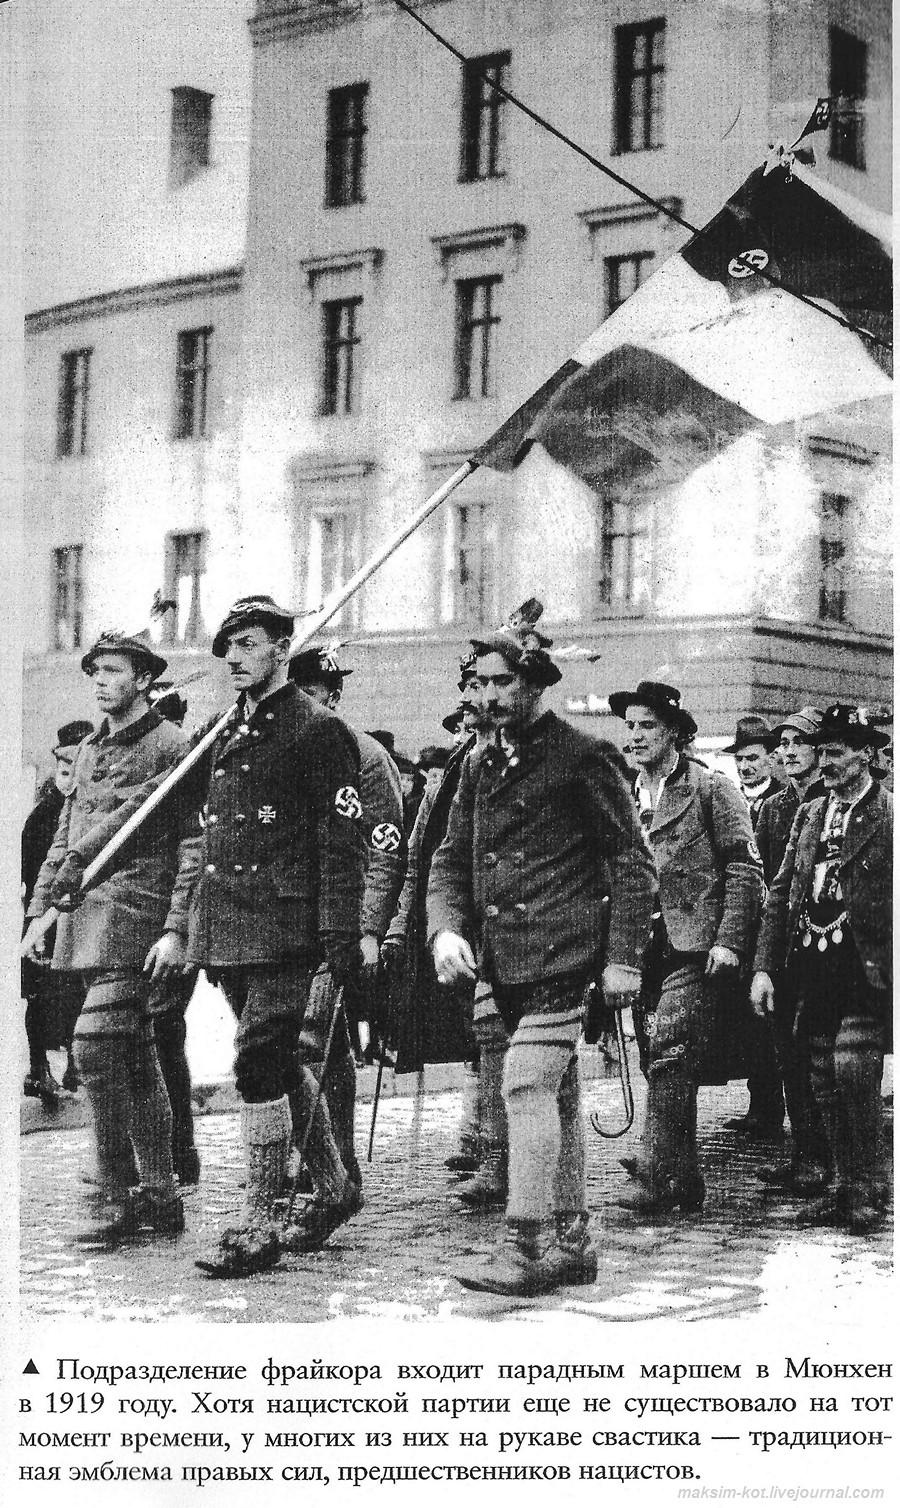 frikors-1919.jpg